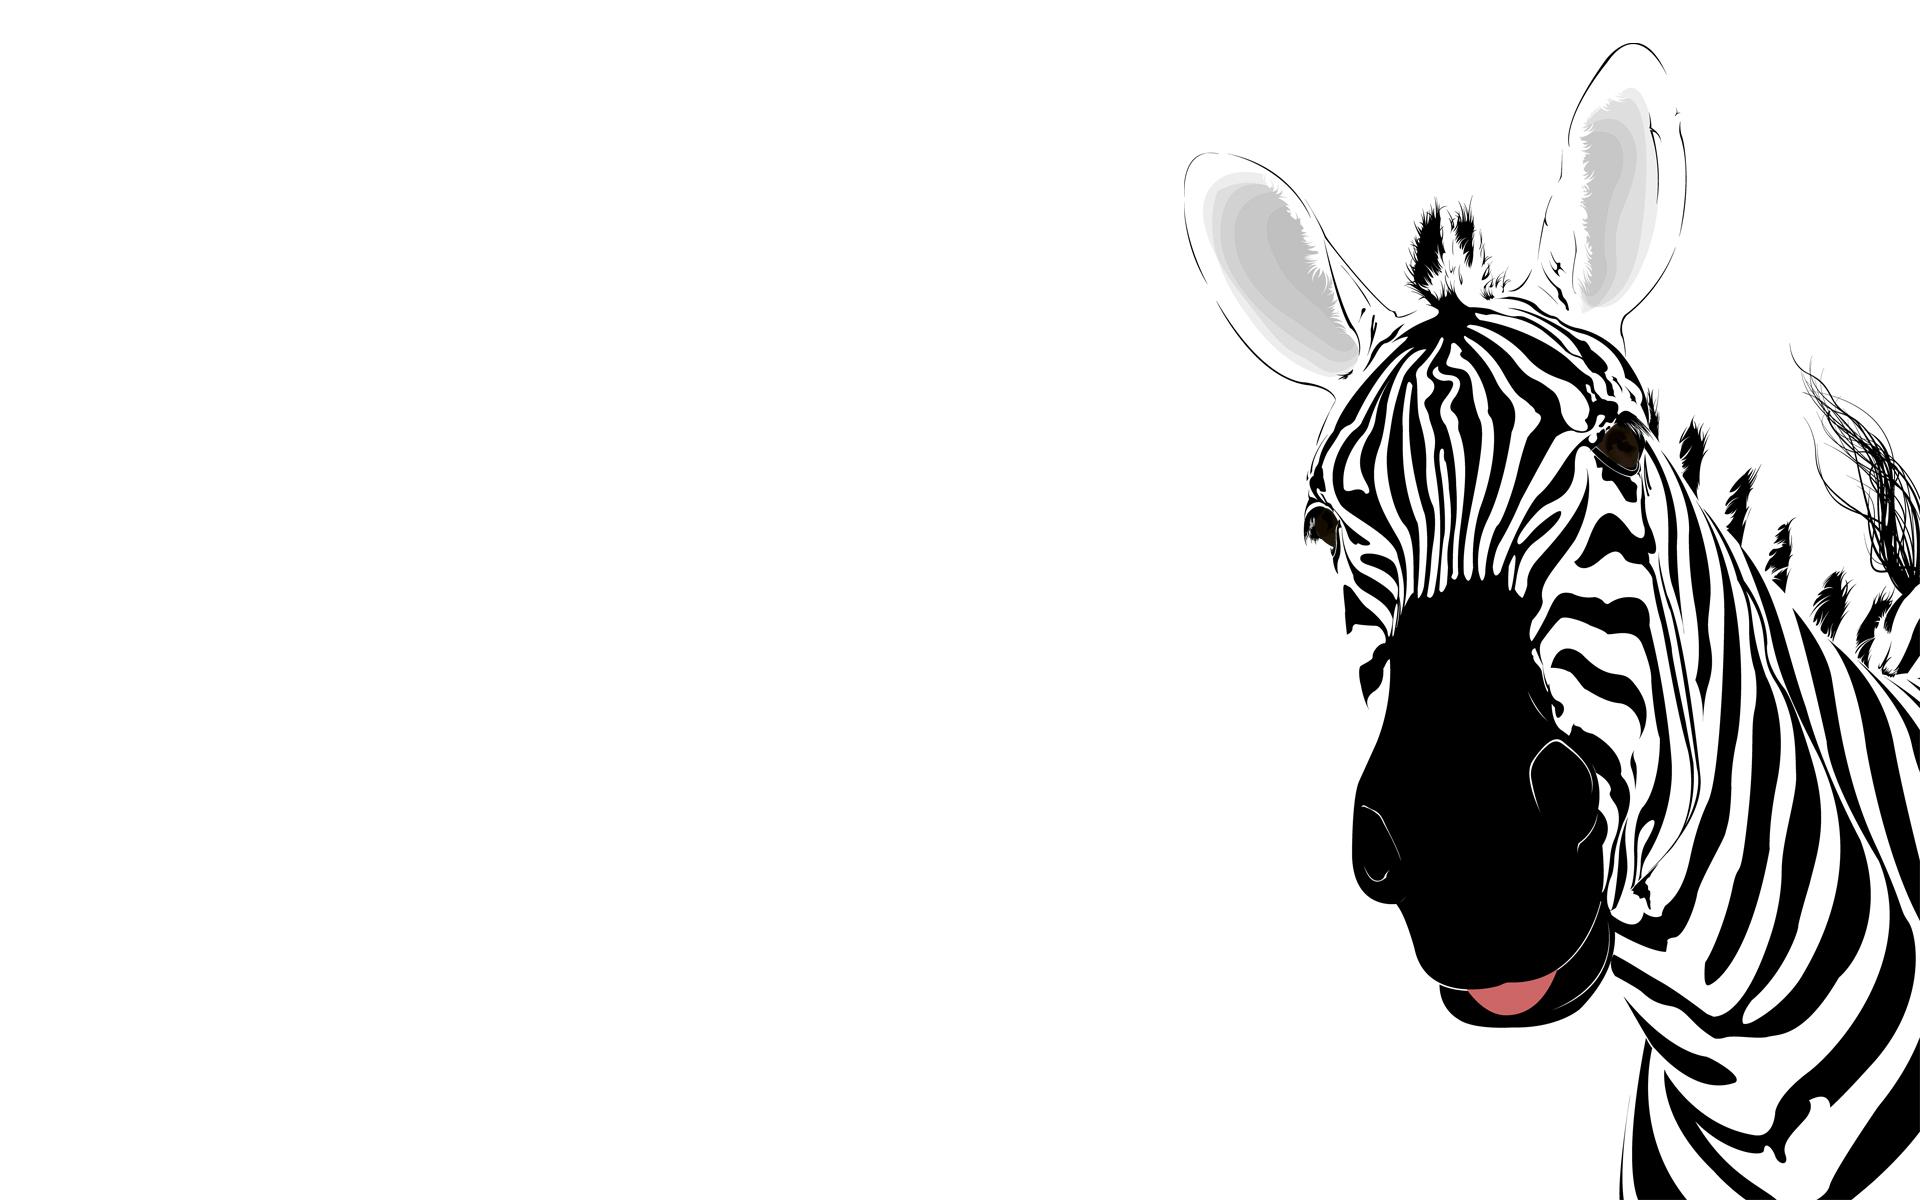 cute zebra background 18502